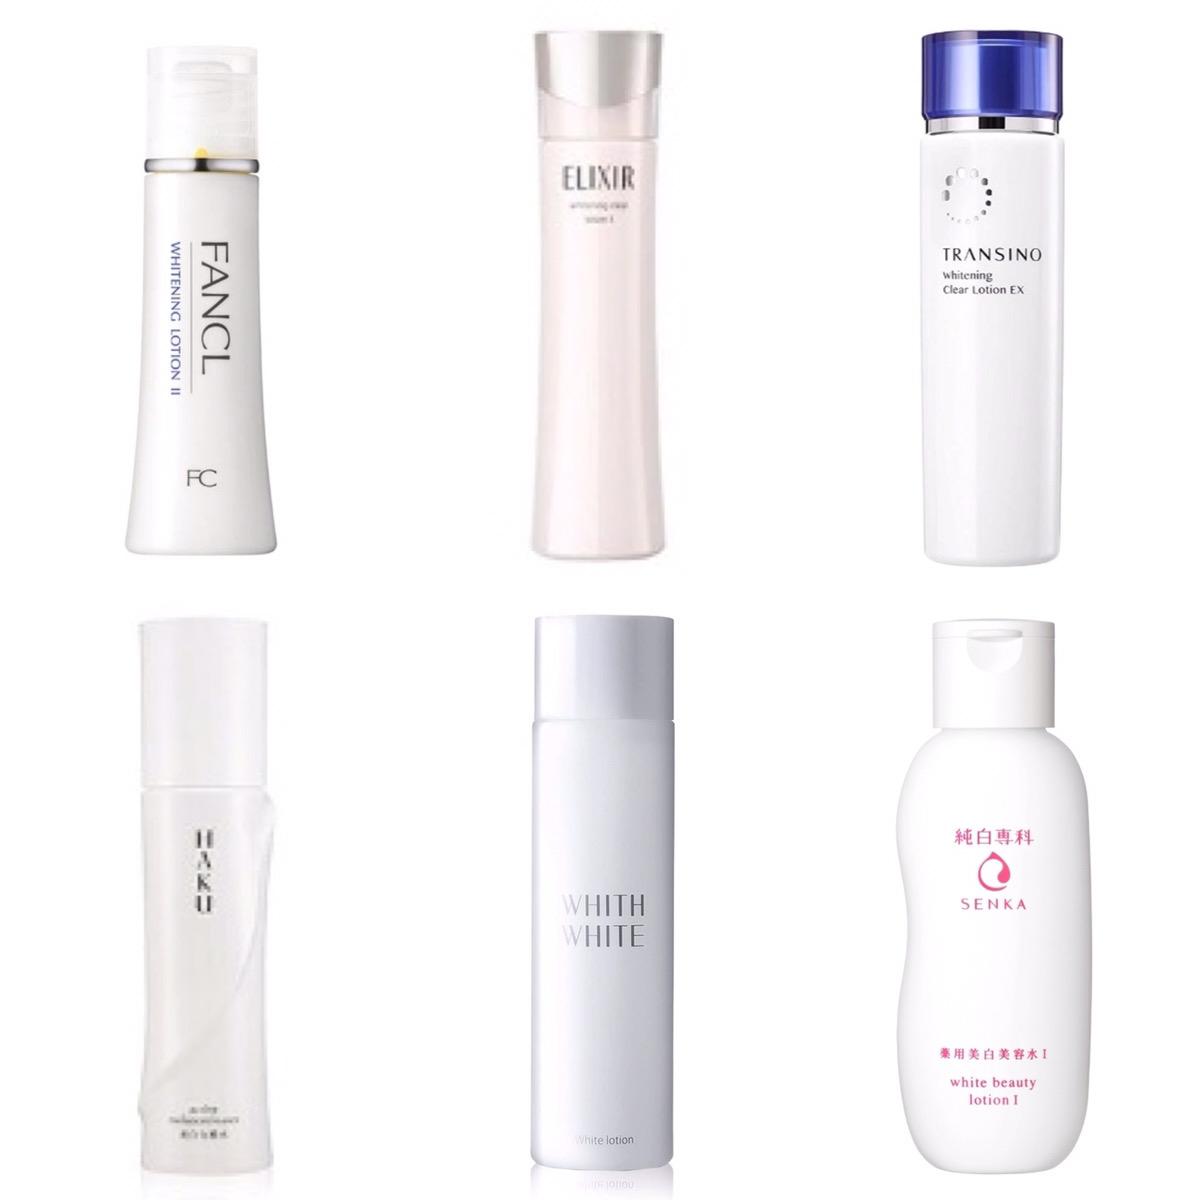 40代におすすめの美白化粧水《17選》保湿もかなう人気の美白化粧水をランキングで紹介!